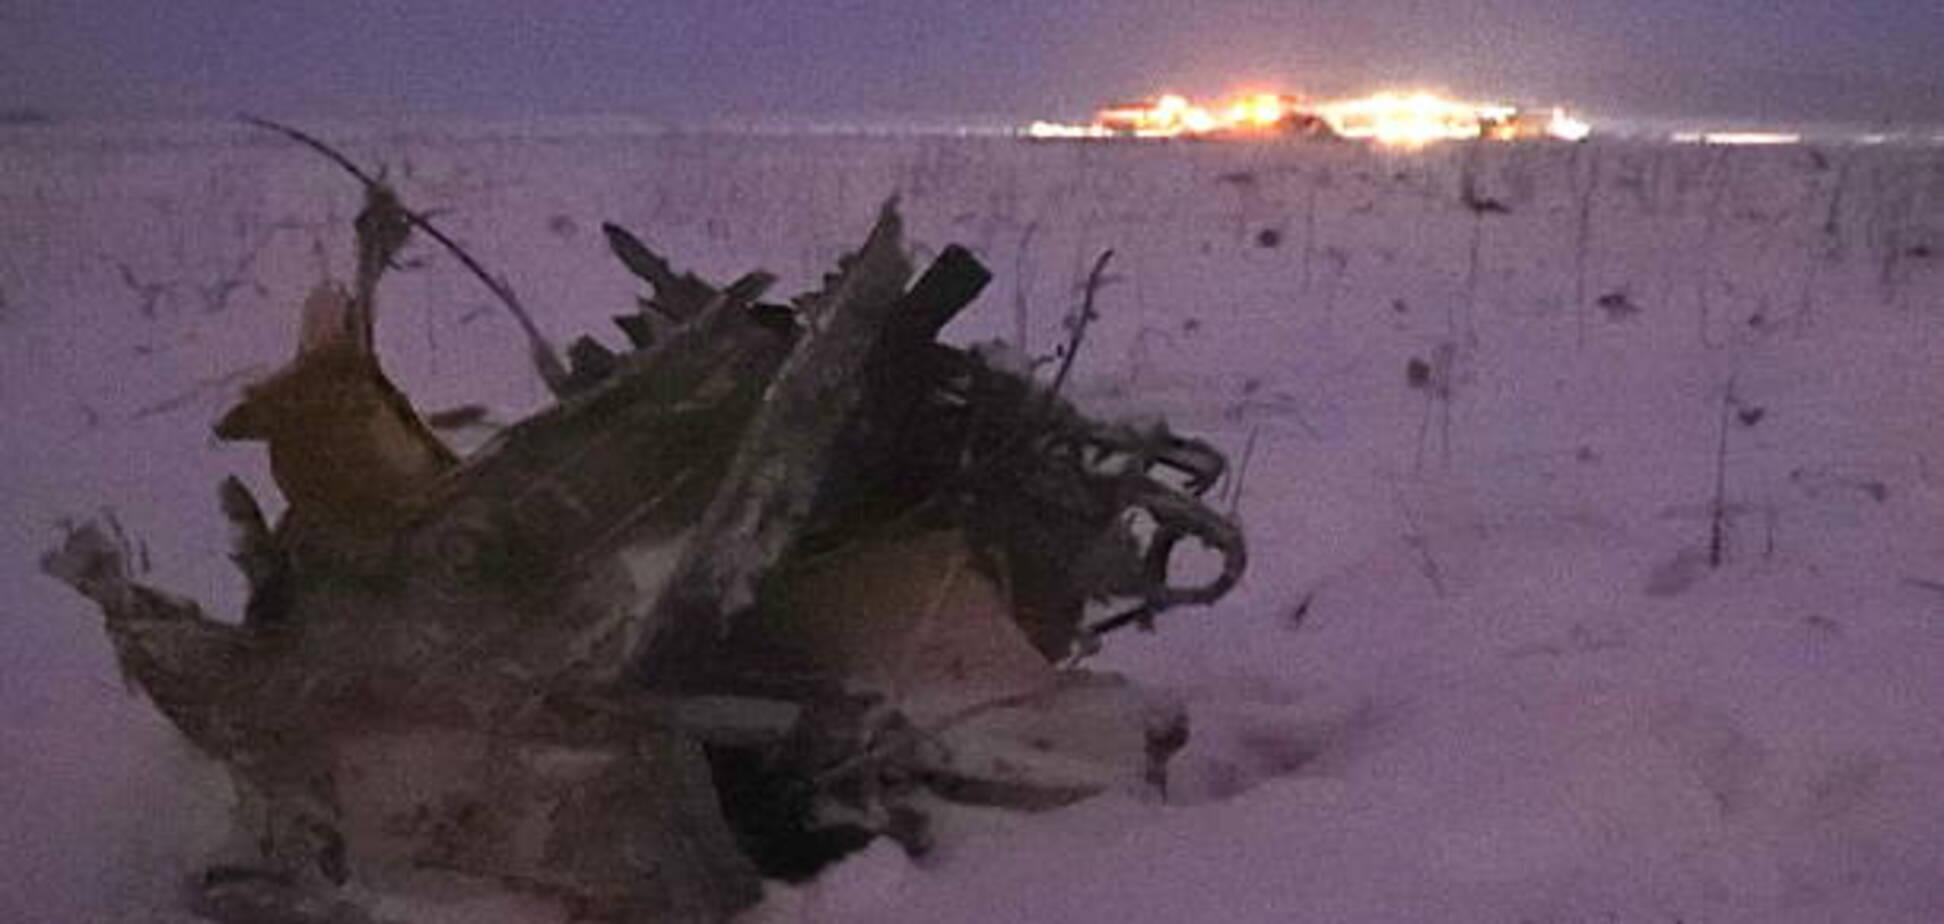 Крушение Ан-148 под Москвой: обнародован анализ переговоров экипажа